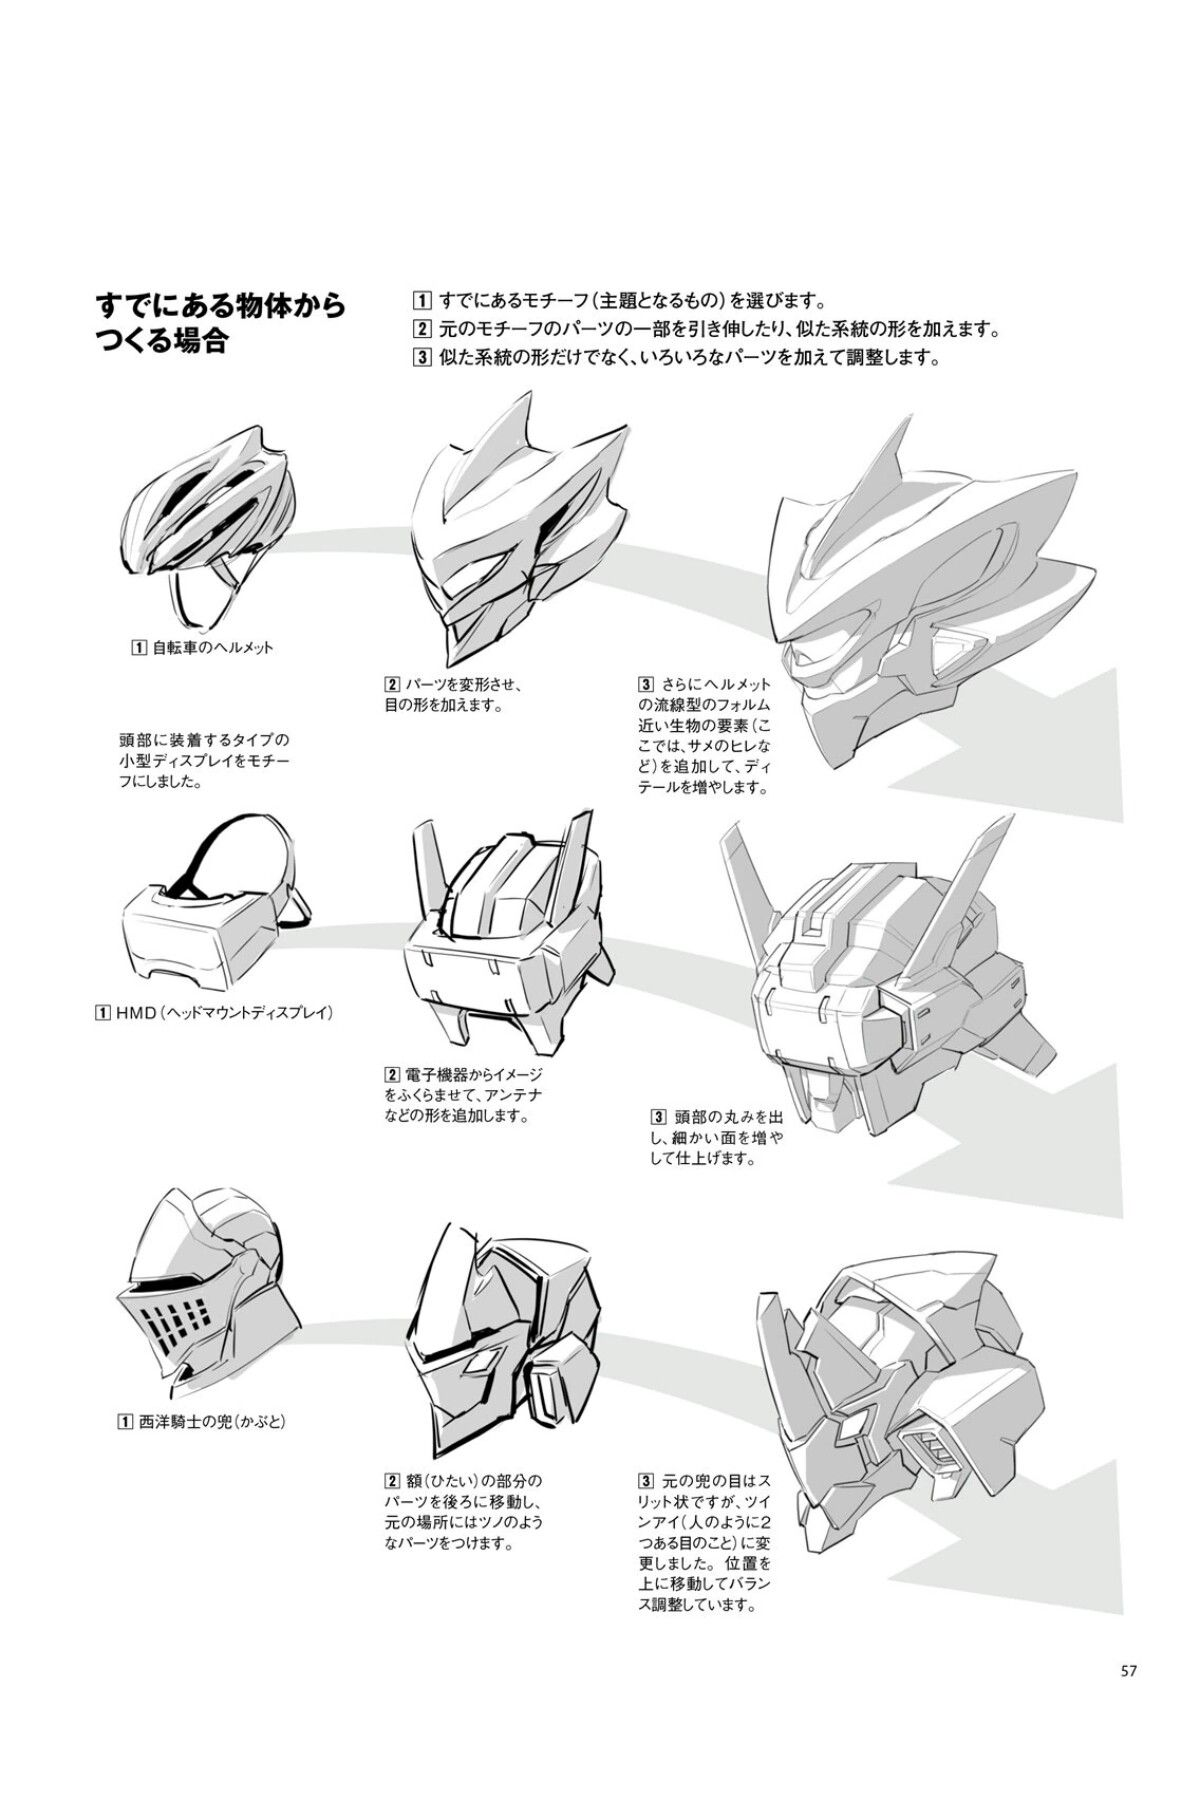 ロボットを描く基本 箱ロボからオリジナルロボまで Page 57 Robots Drawing Robot Concept Art Robots Concept